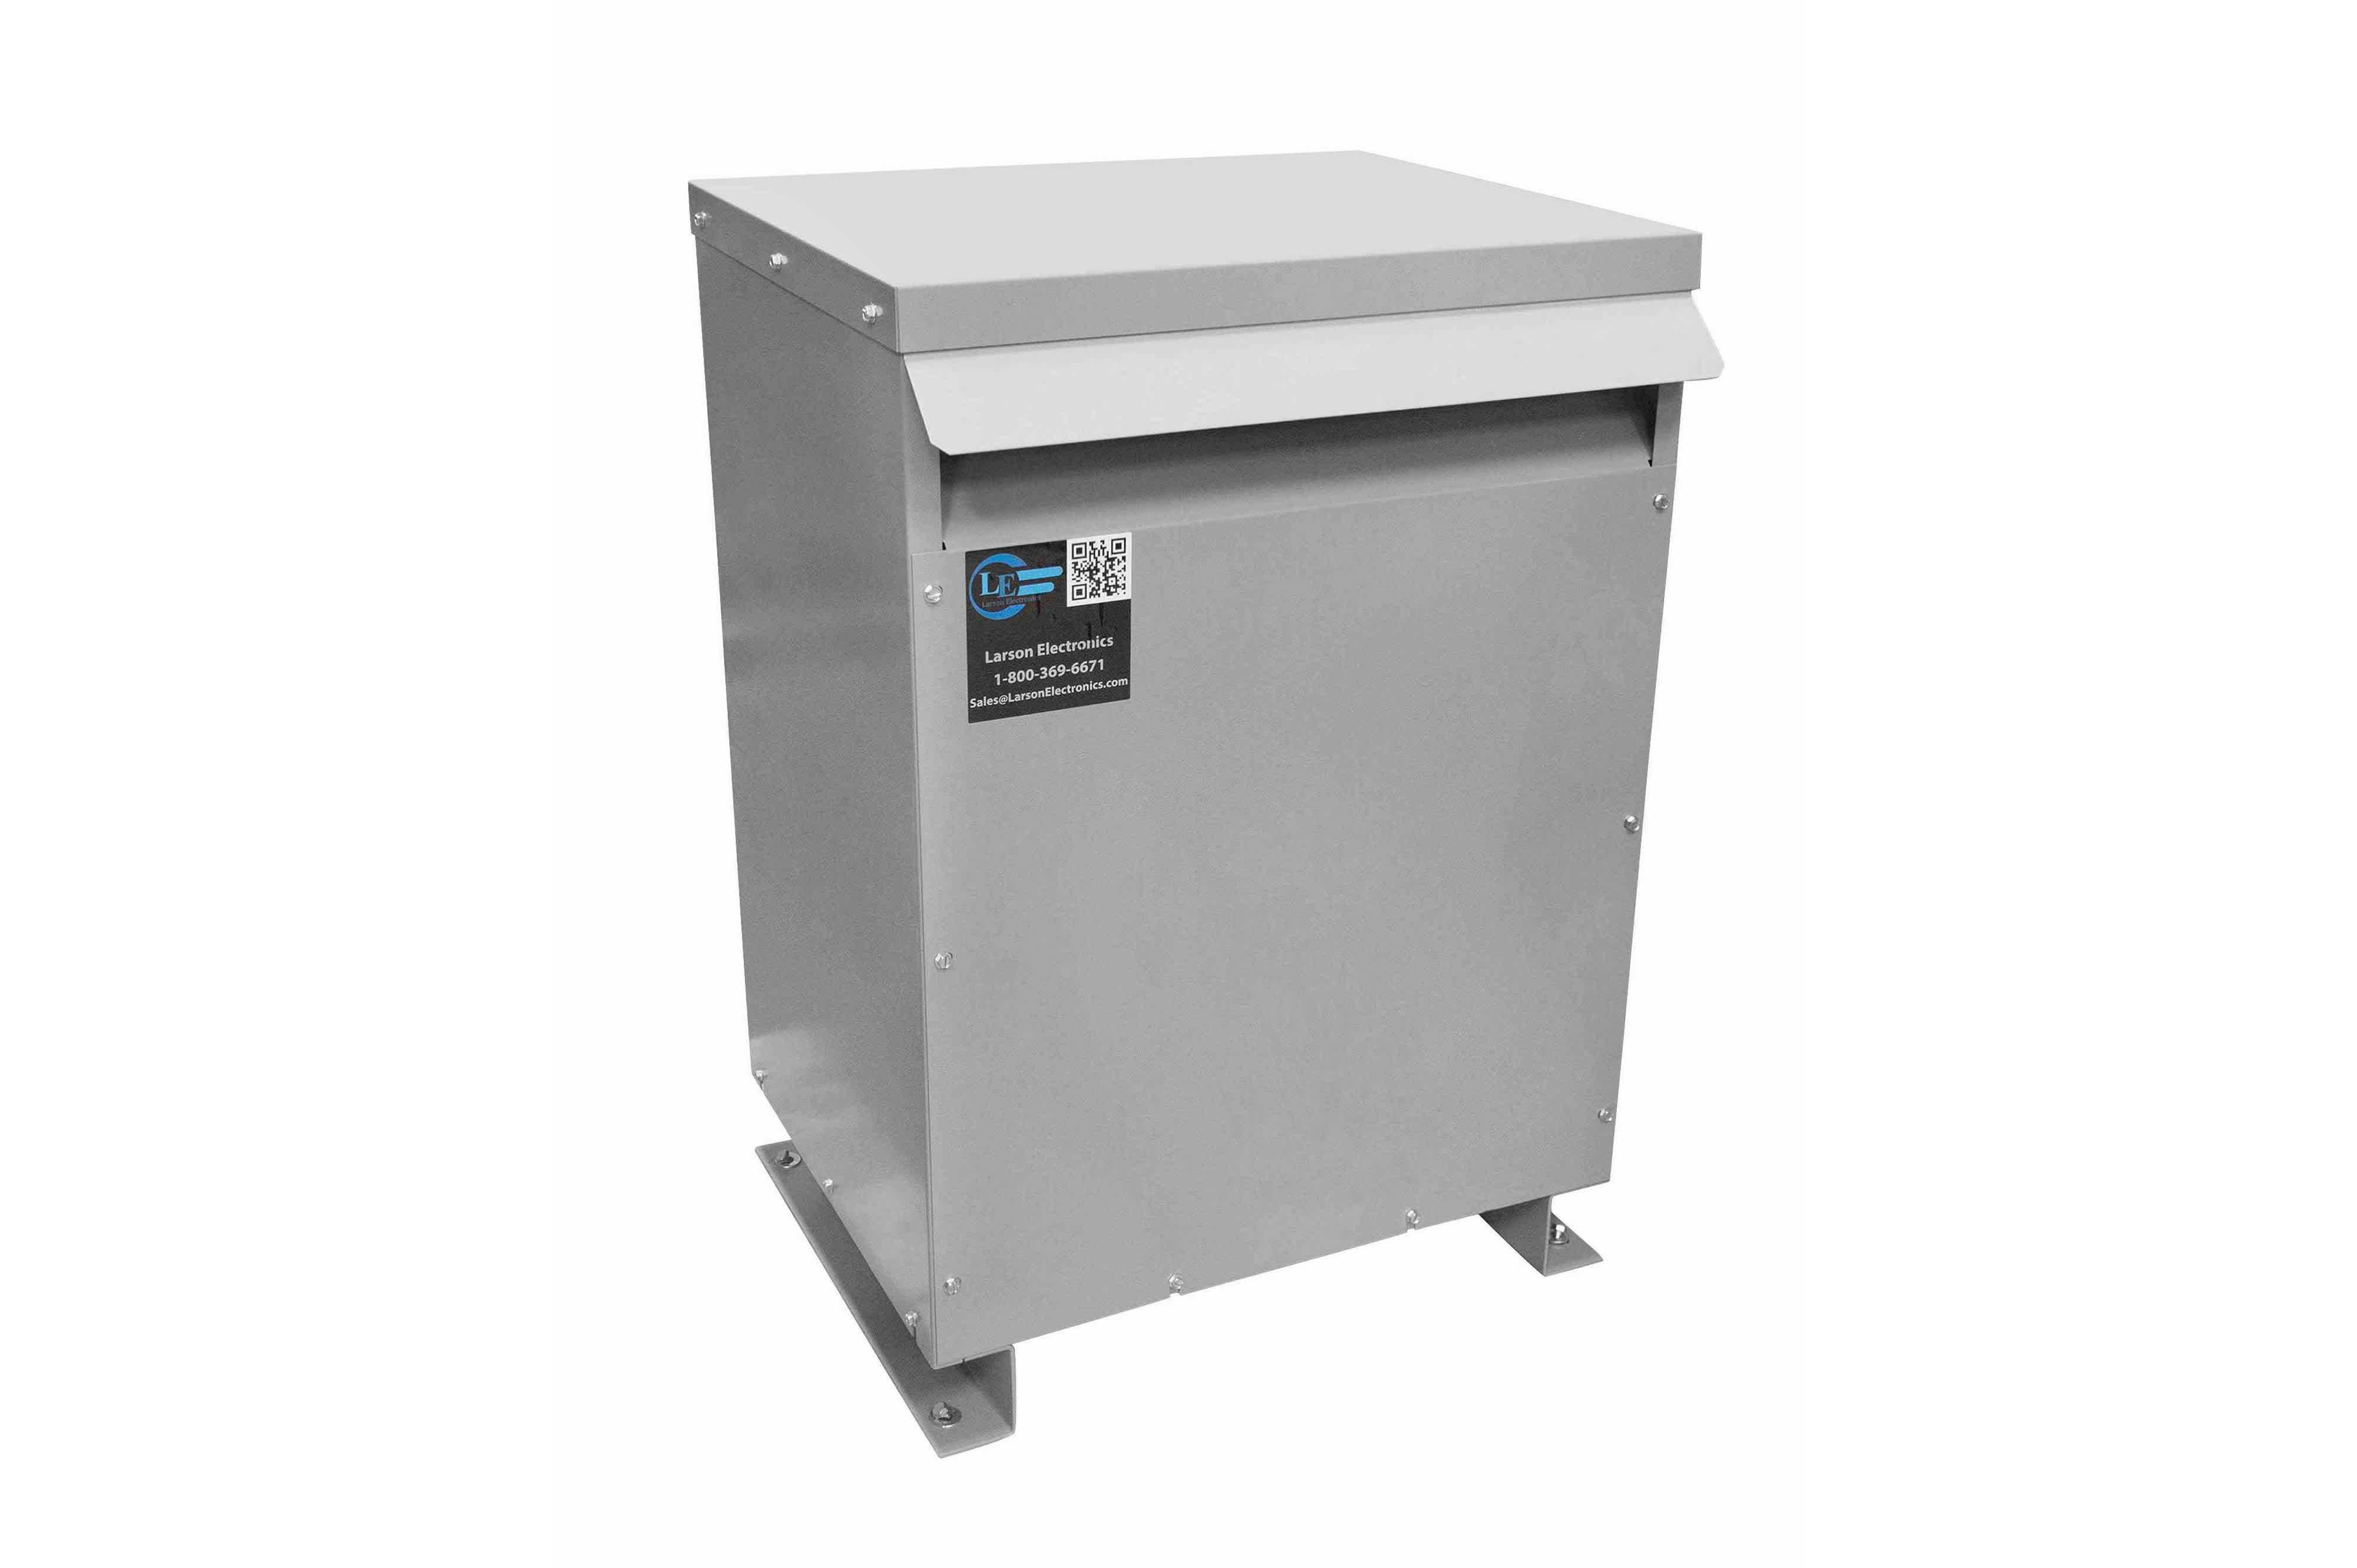 35 kVA 3PH Isolation Transformer, 460V Delta Primary, 240 Delta Secondary, N3R, Ventilated, 60 Hz